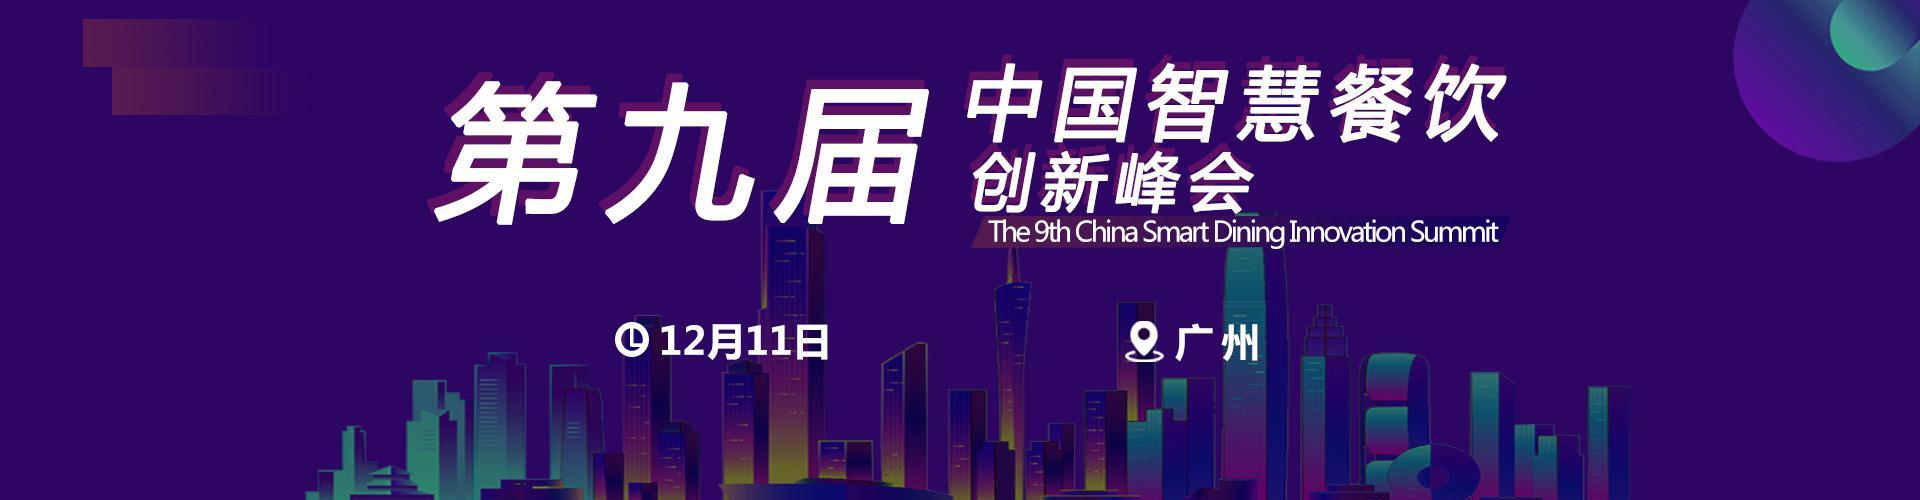 第九届中国智慧餐饮创新峰会